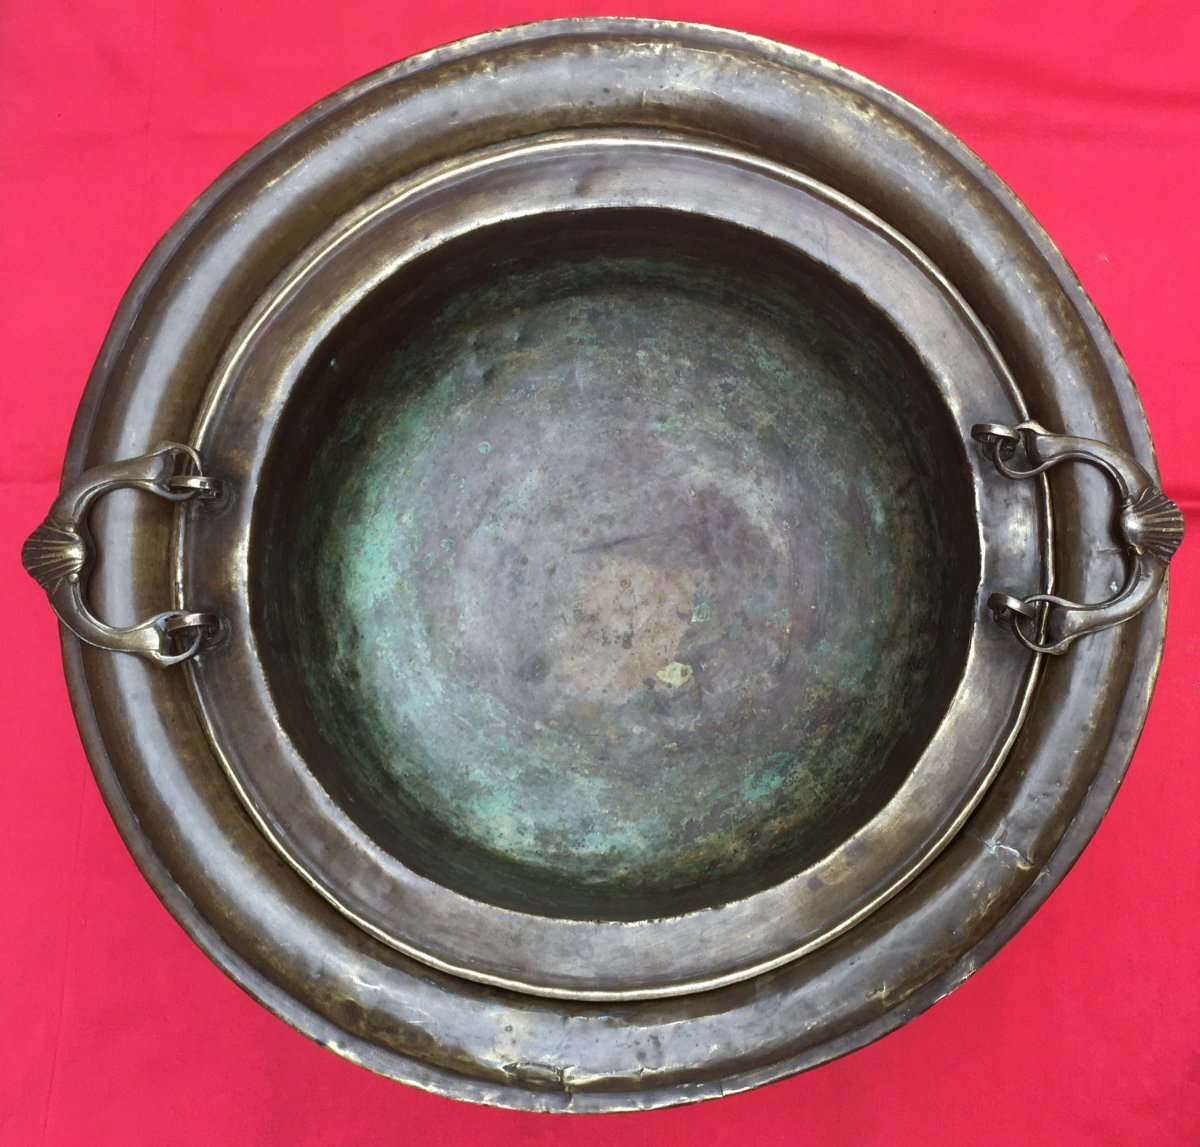 Brasero En Bronze Et Laiton. Espagne Ou Pays Bas Fin XVIIIe - Début XIXe.  -photo-3